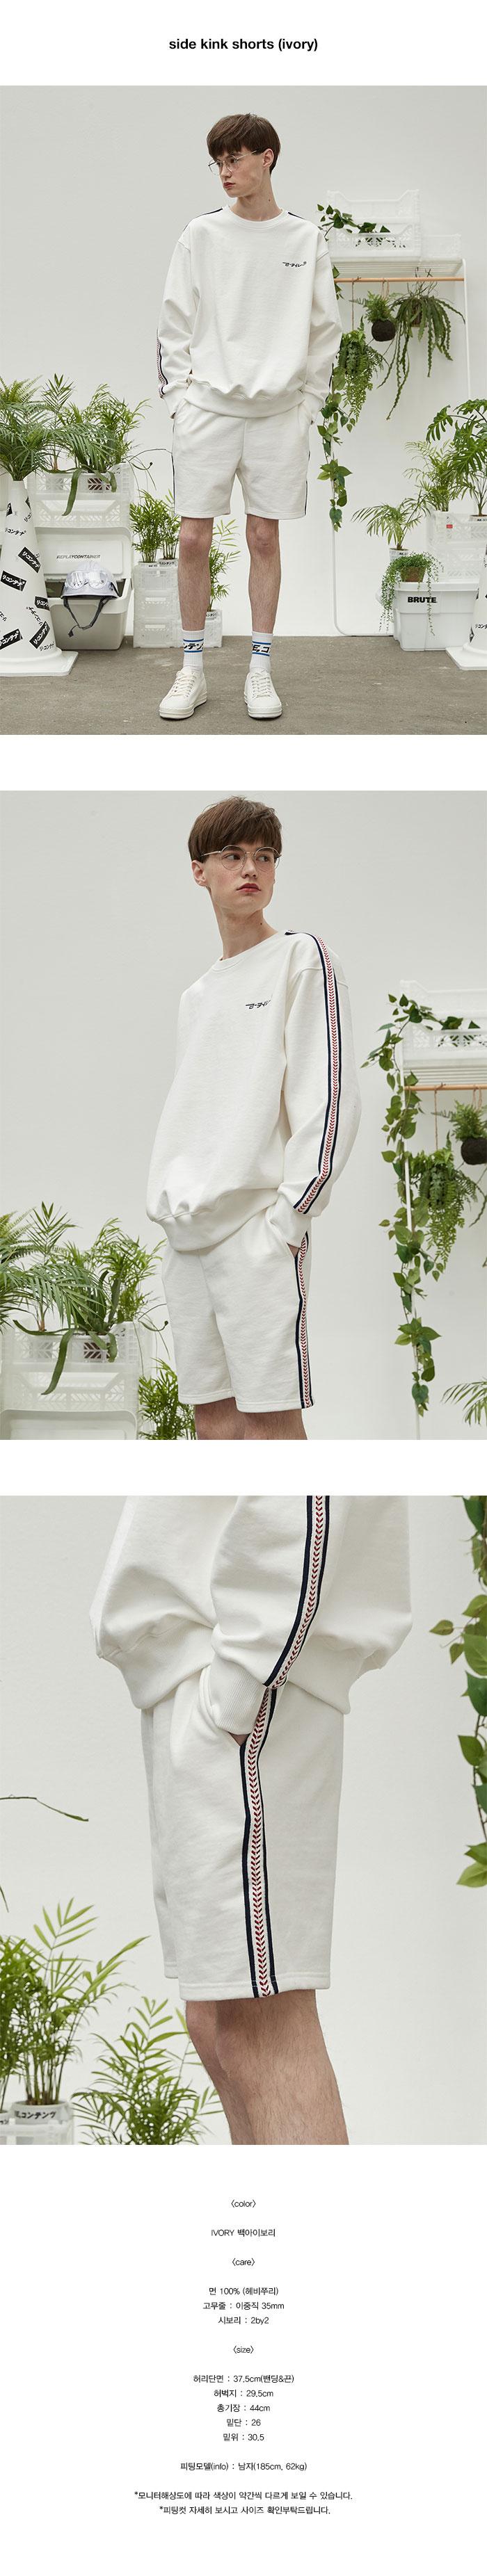 리플레이컨테이너(REPLAY CONTAINER) side kink shorts (ivory)